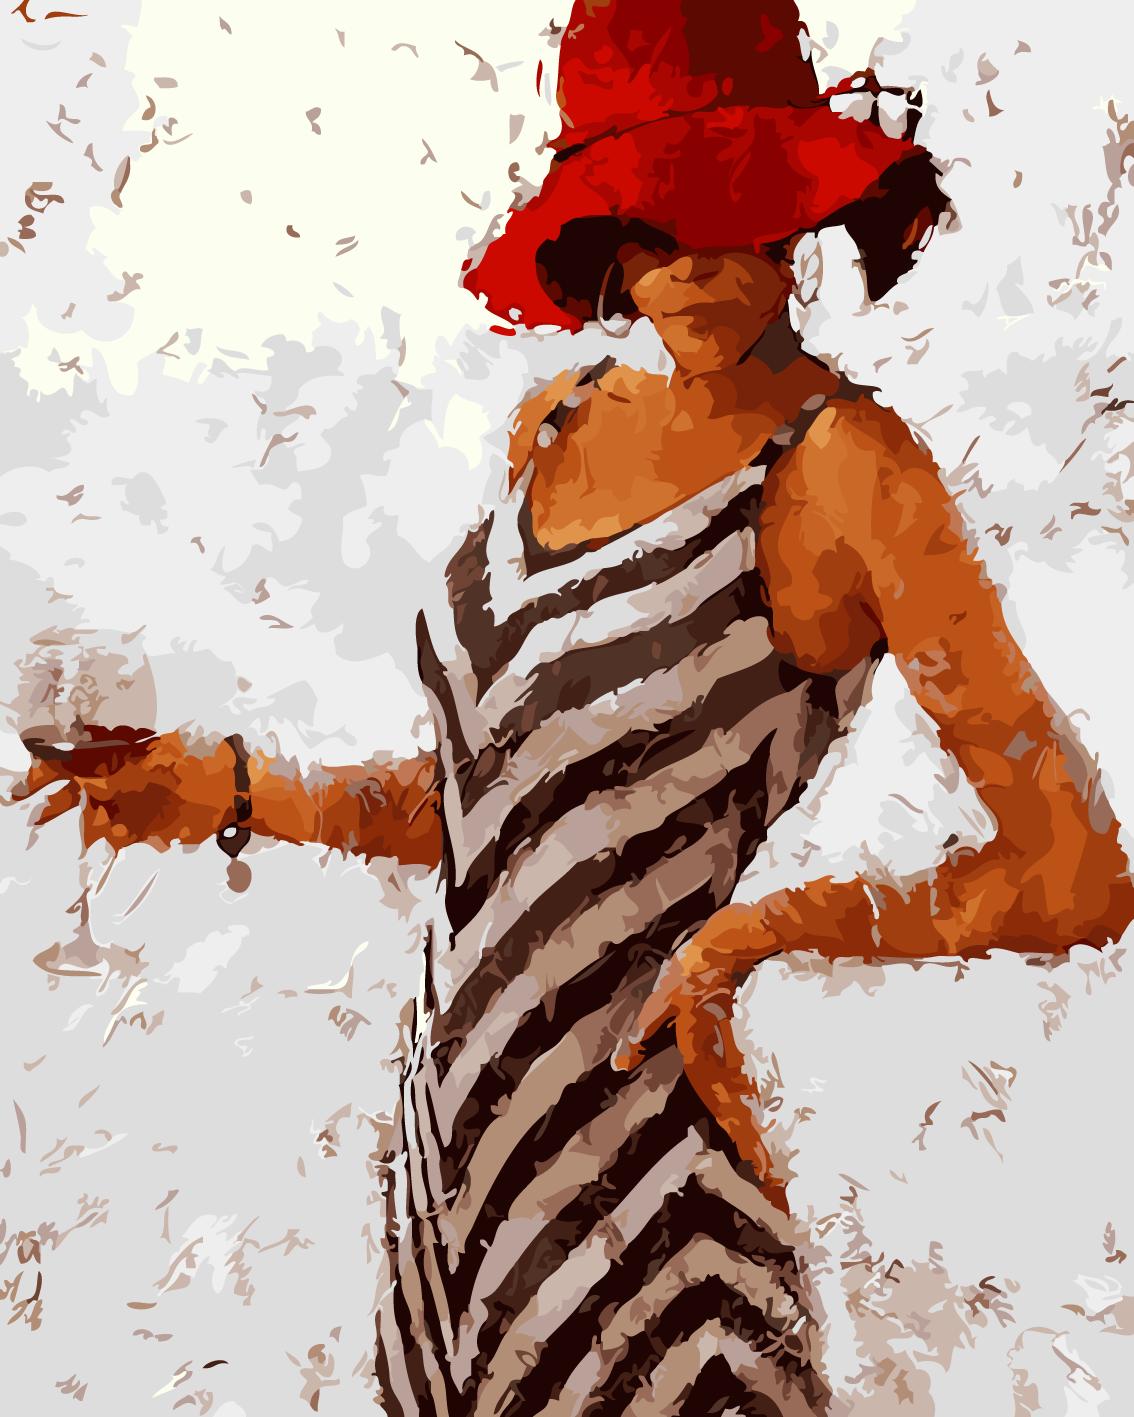 手绘填色客厅现代抽象美女人物装饰